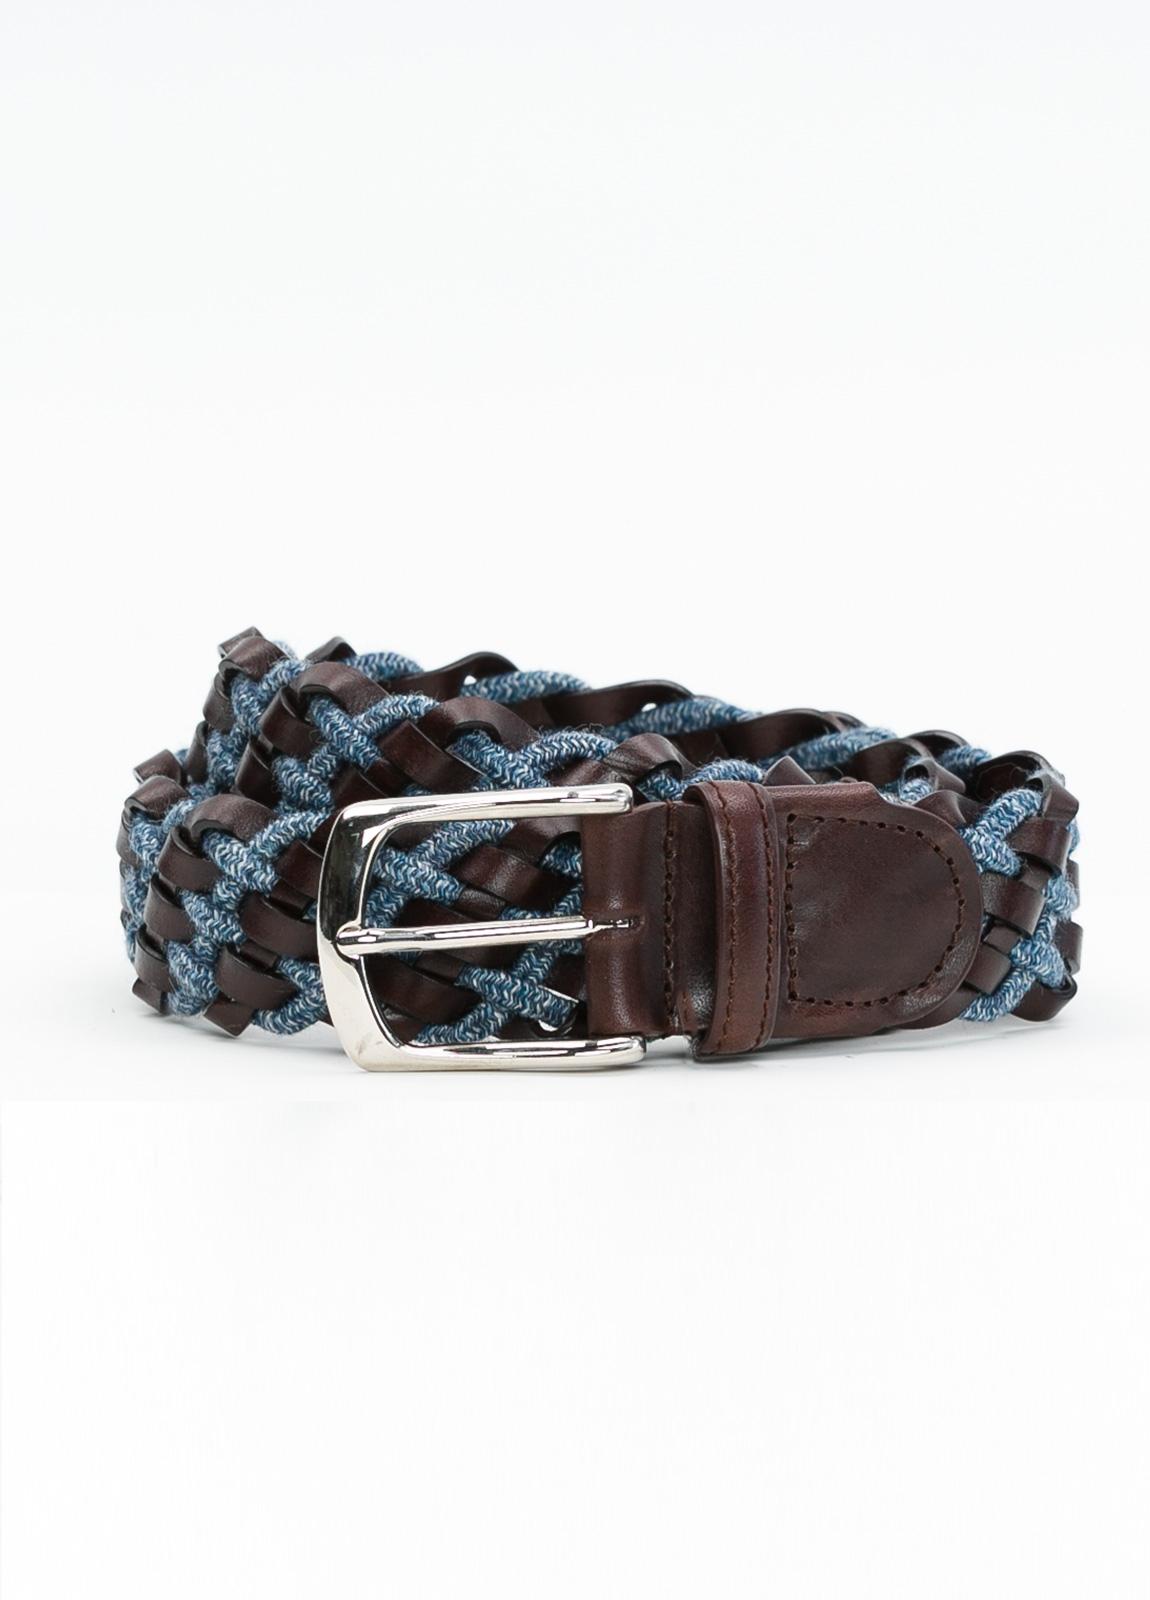 Cinturón sport trenzado color azul, 100% Lana. Detalles en piel y hebilla de Níquel.